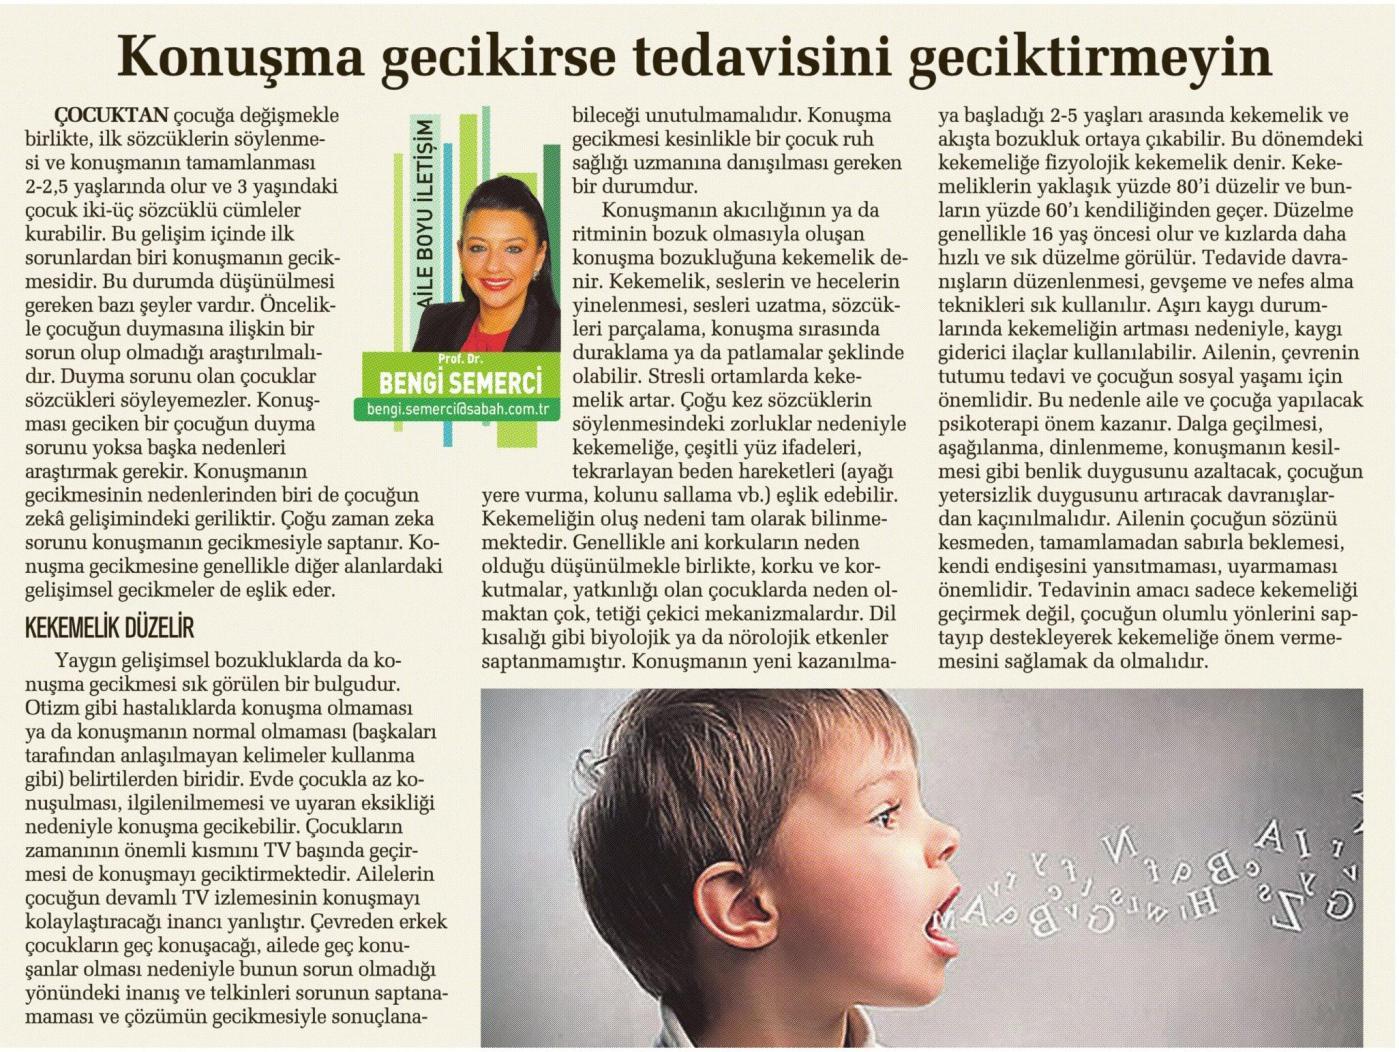 Konuşma gecikirse tedavisine geciktirmeyin - SABAH CUMARTESİ 16.08.2014